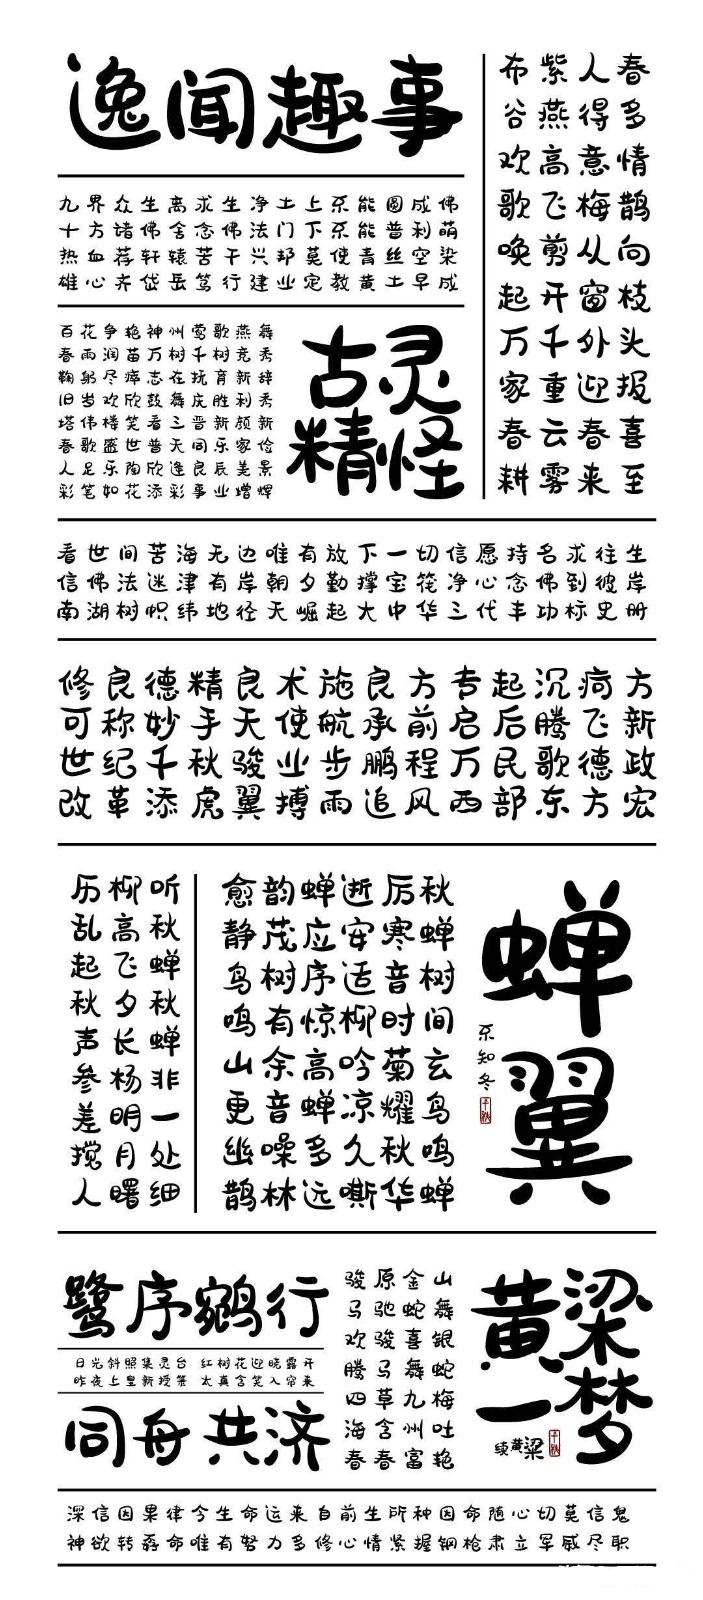 胡晓波工作室3款免费商用字体